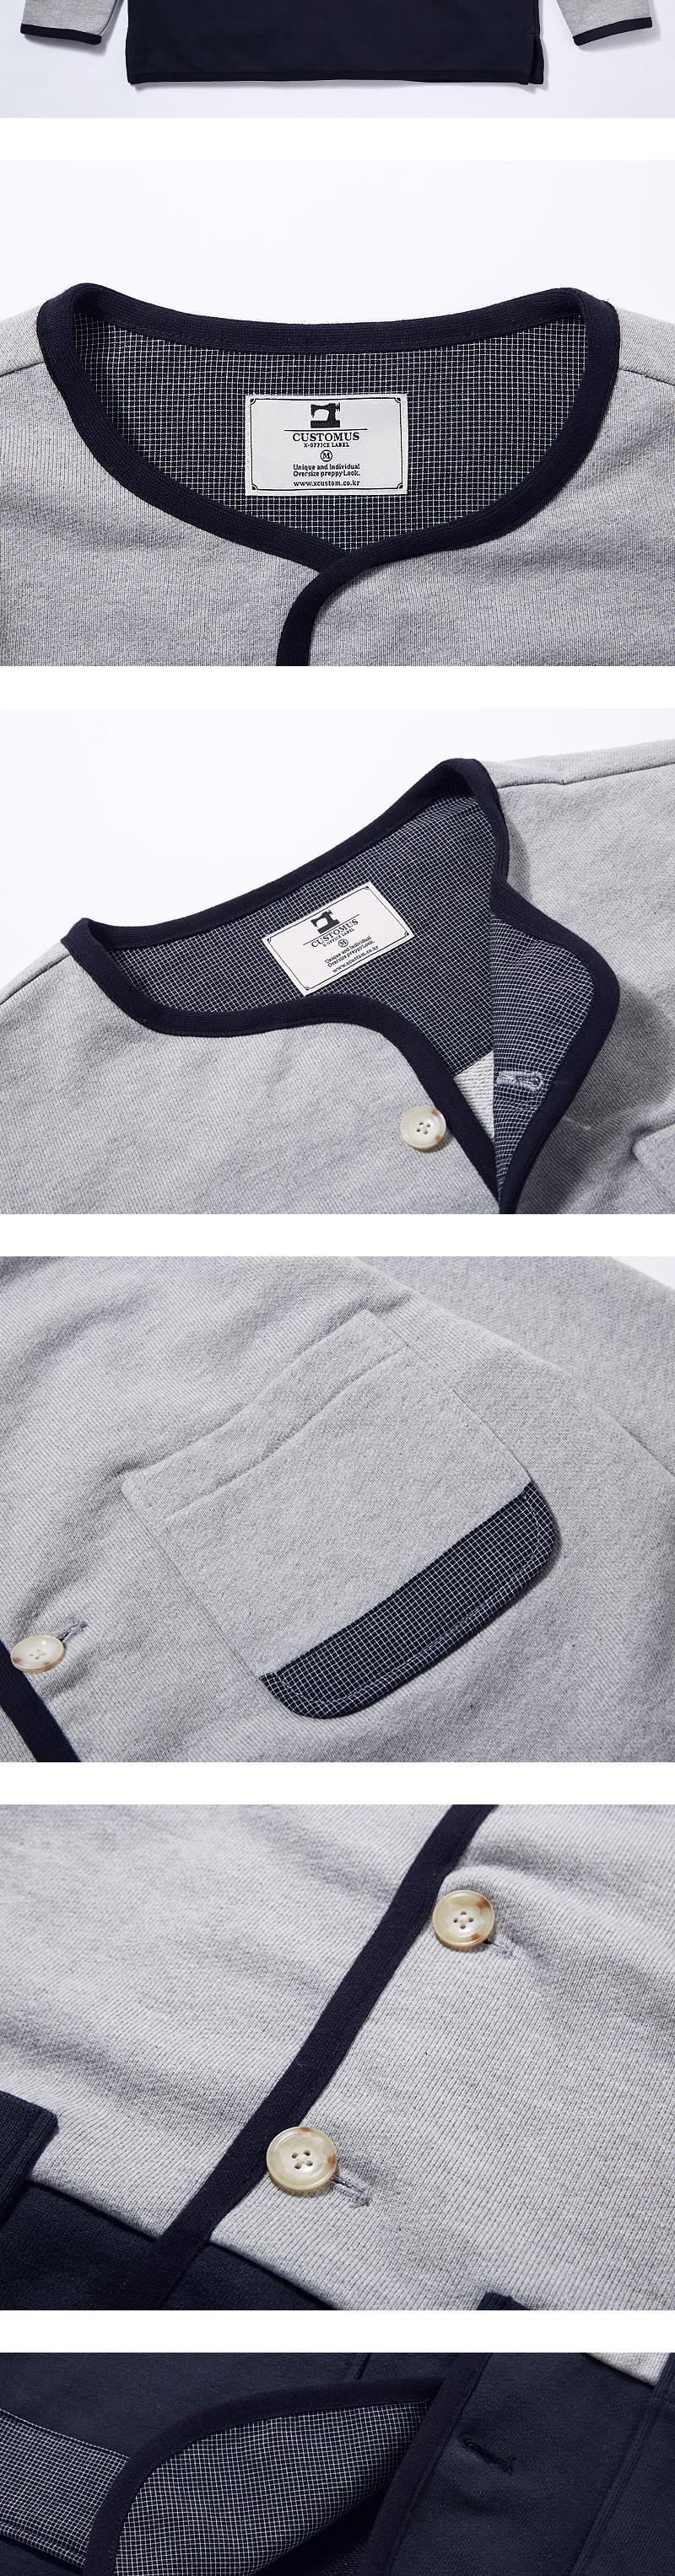 커스텀어스 칼라블럭 바인딩 스웨트 자켓 (그레이)